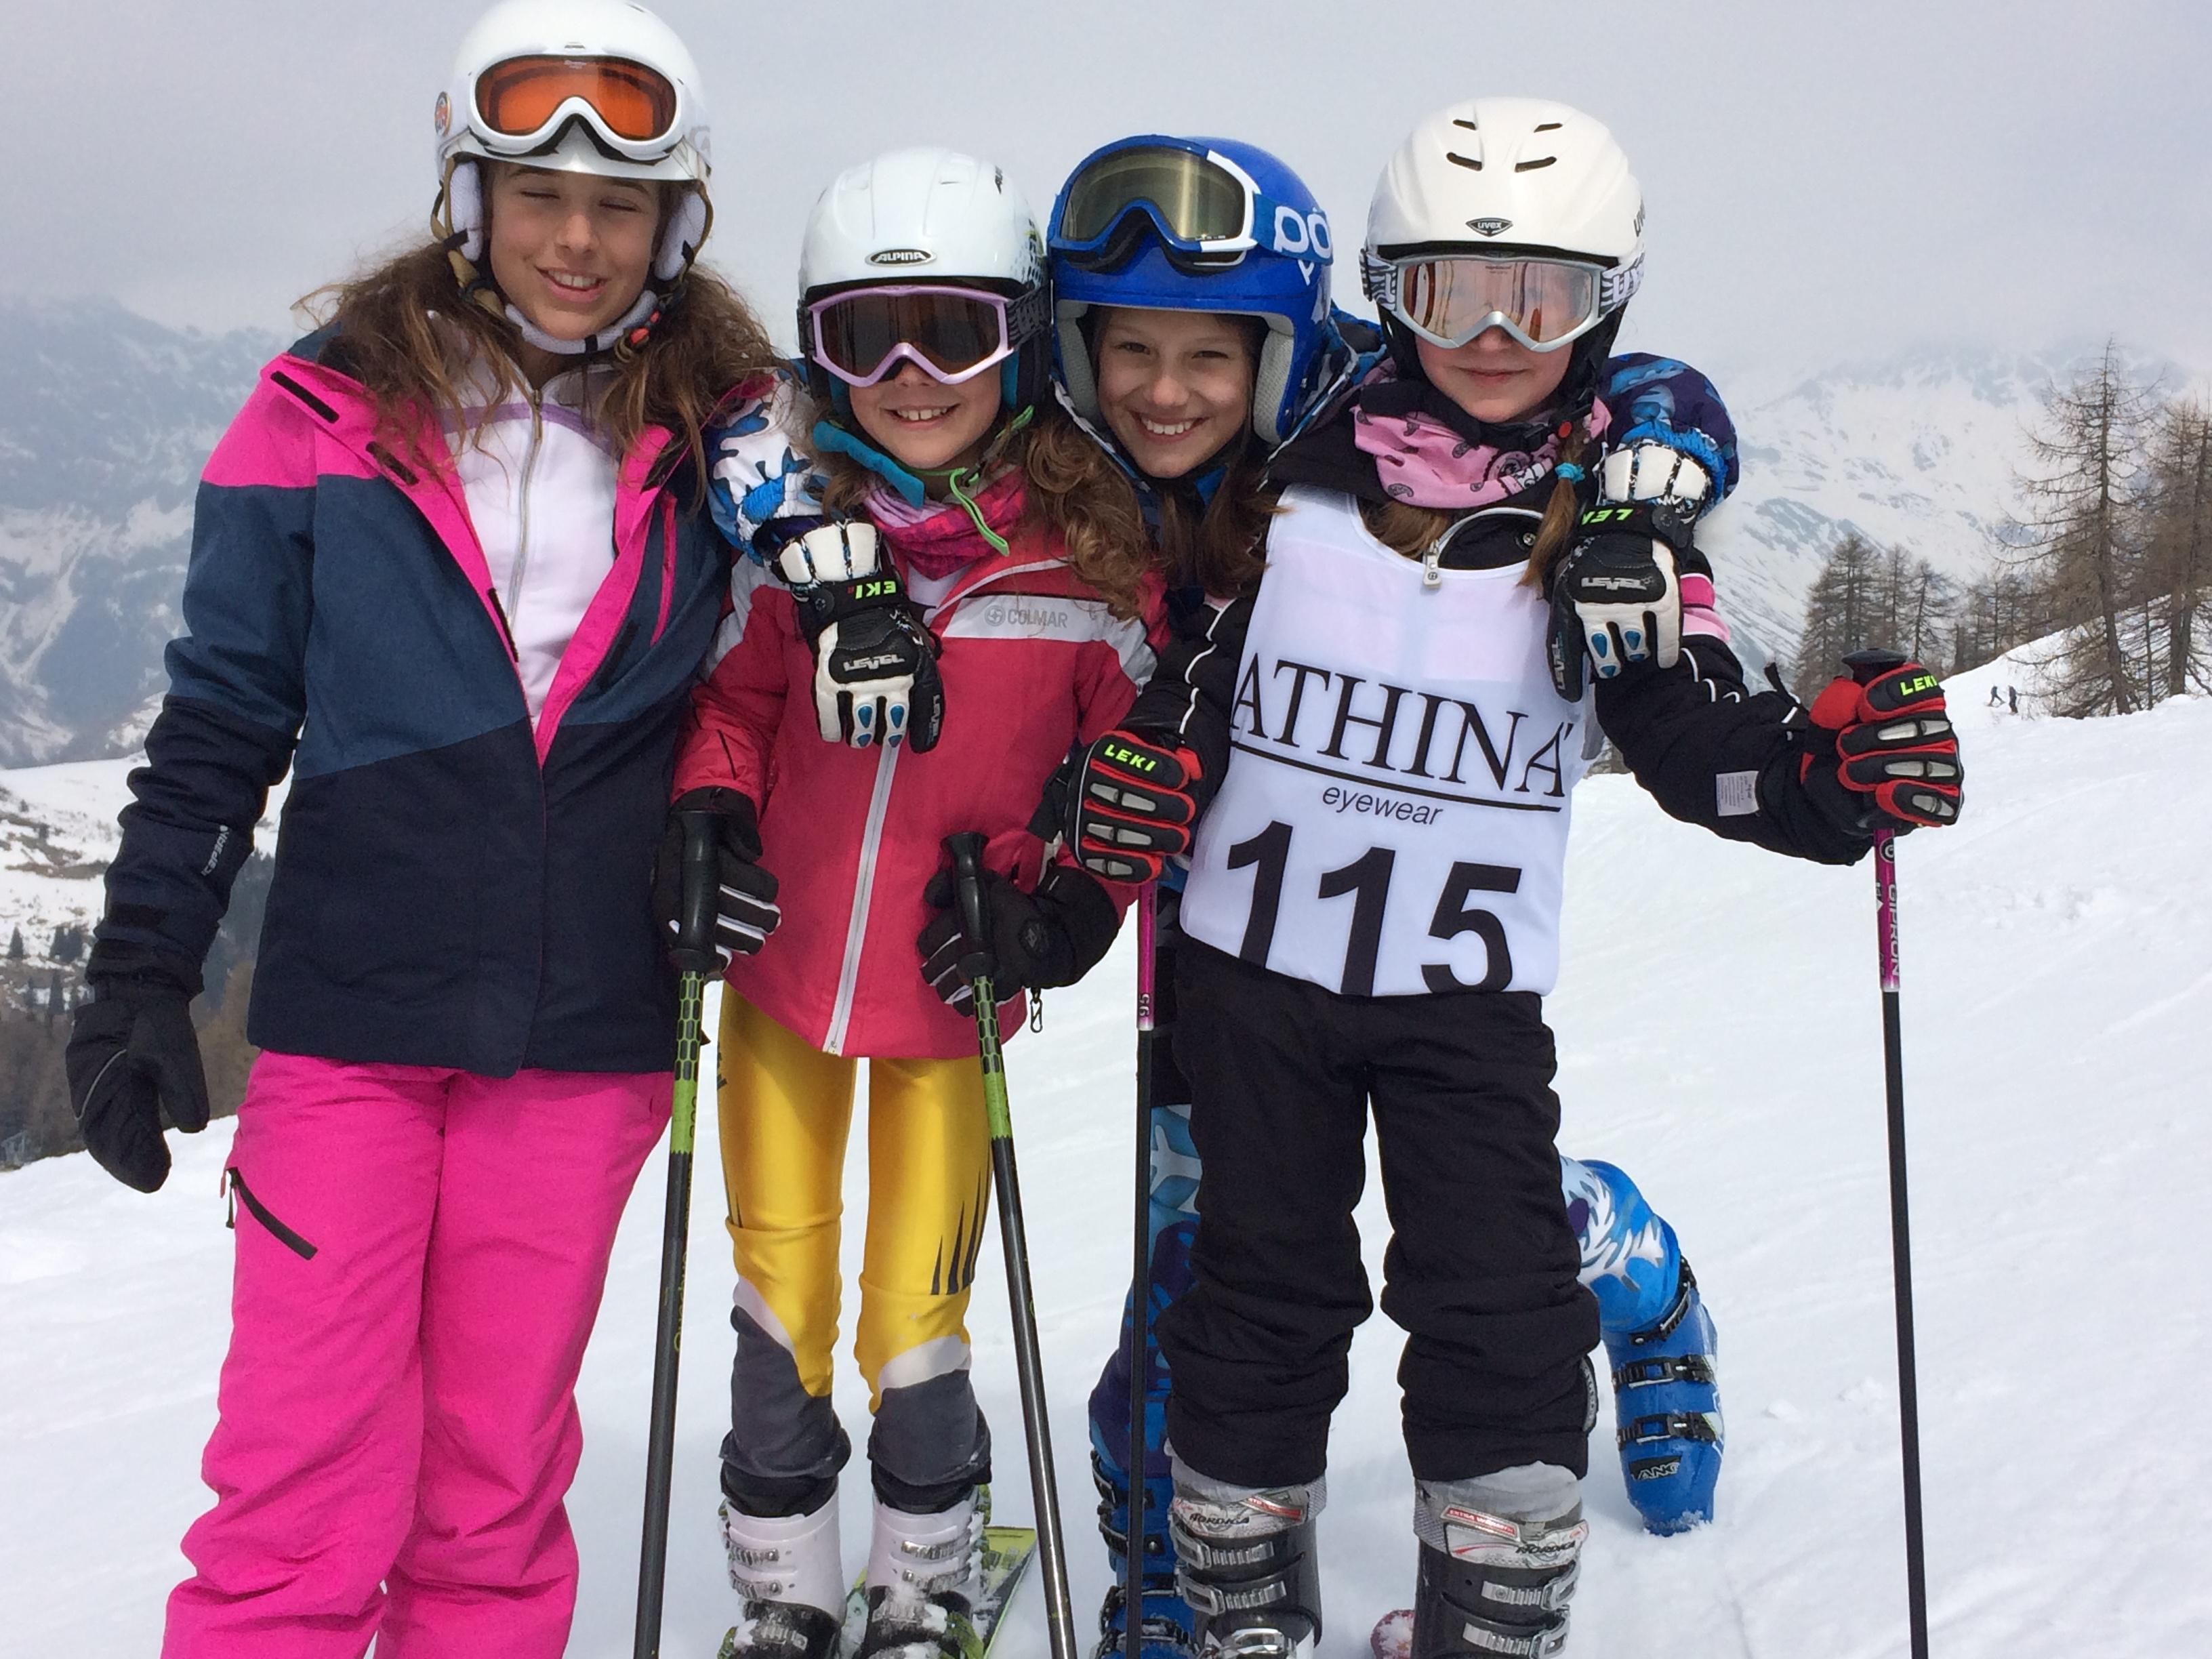 Le donne dello sci club